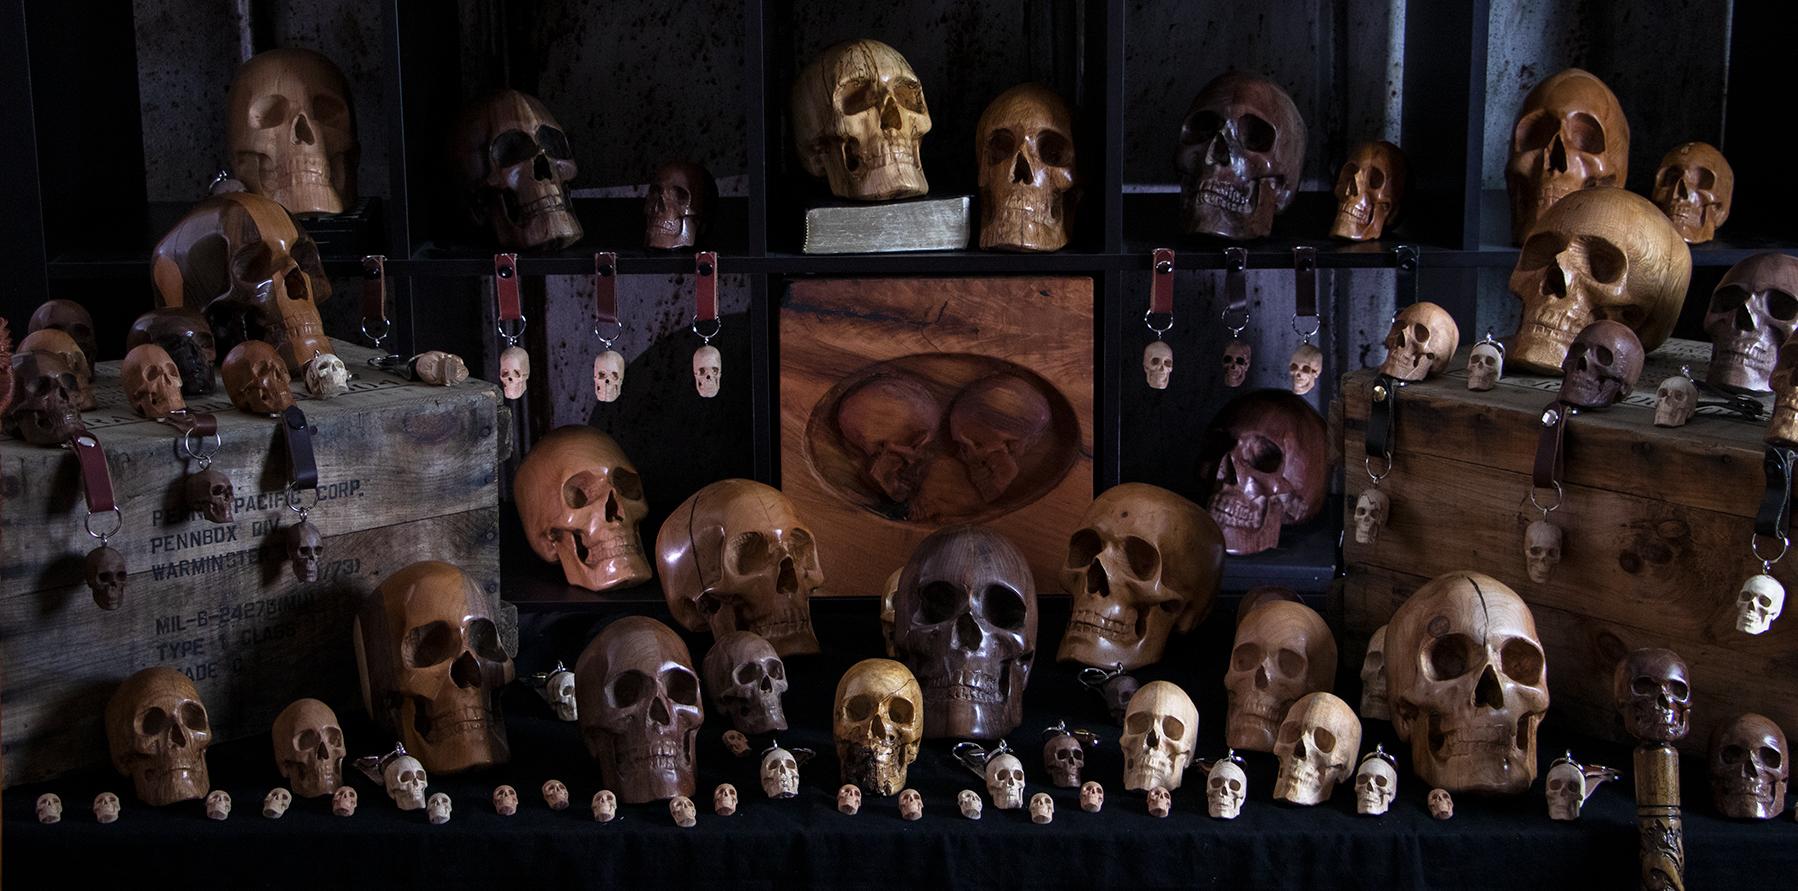 Handcrafted Wooden Skulls